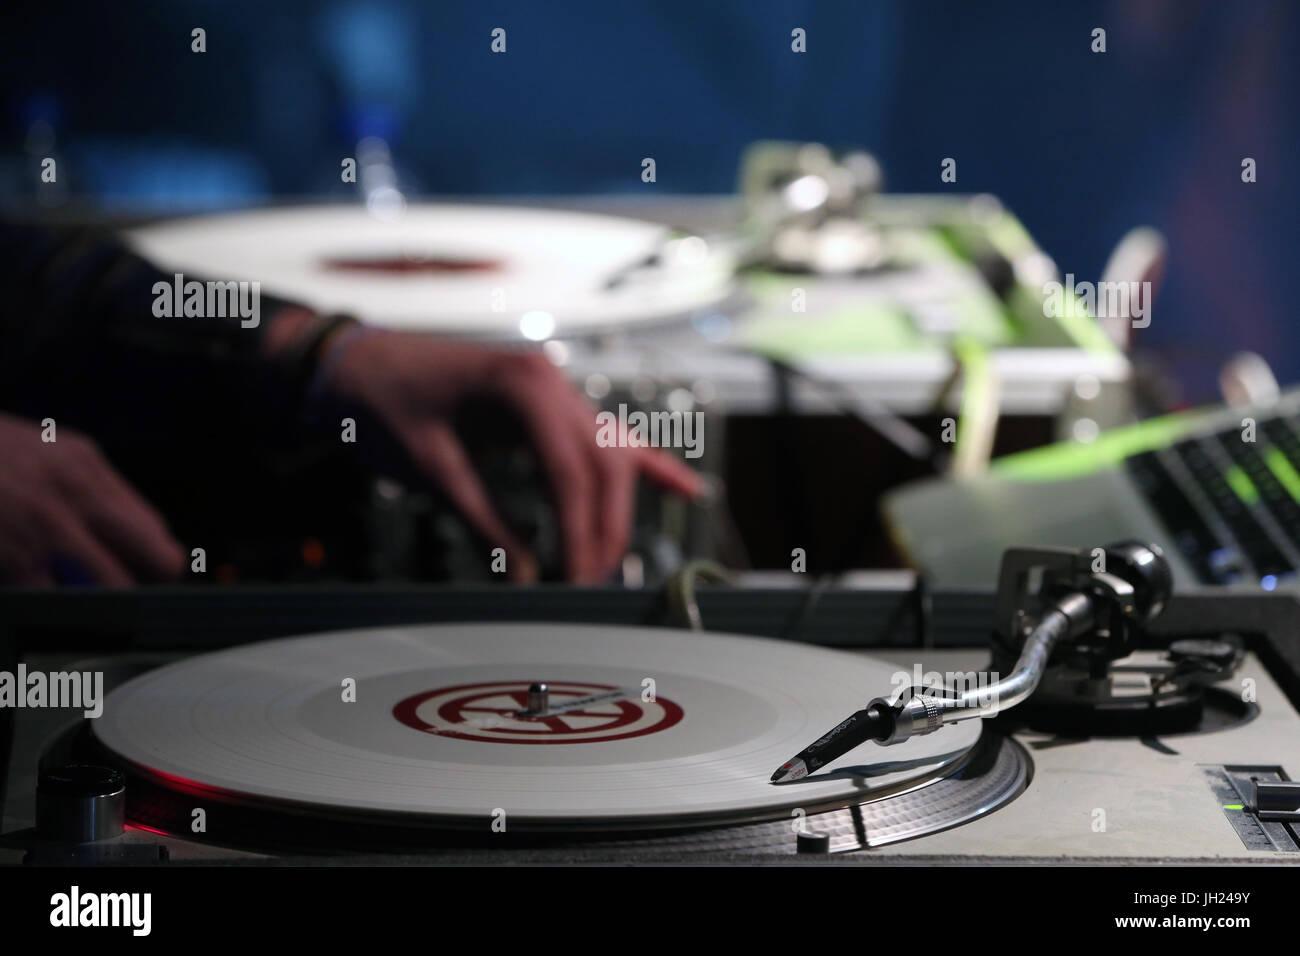 Les Houches Reggae festival.    France. - Stock Image